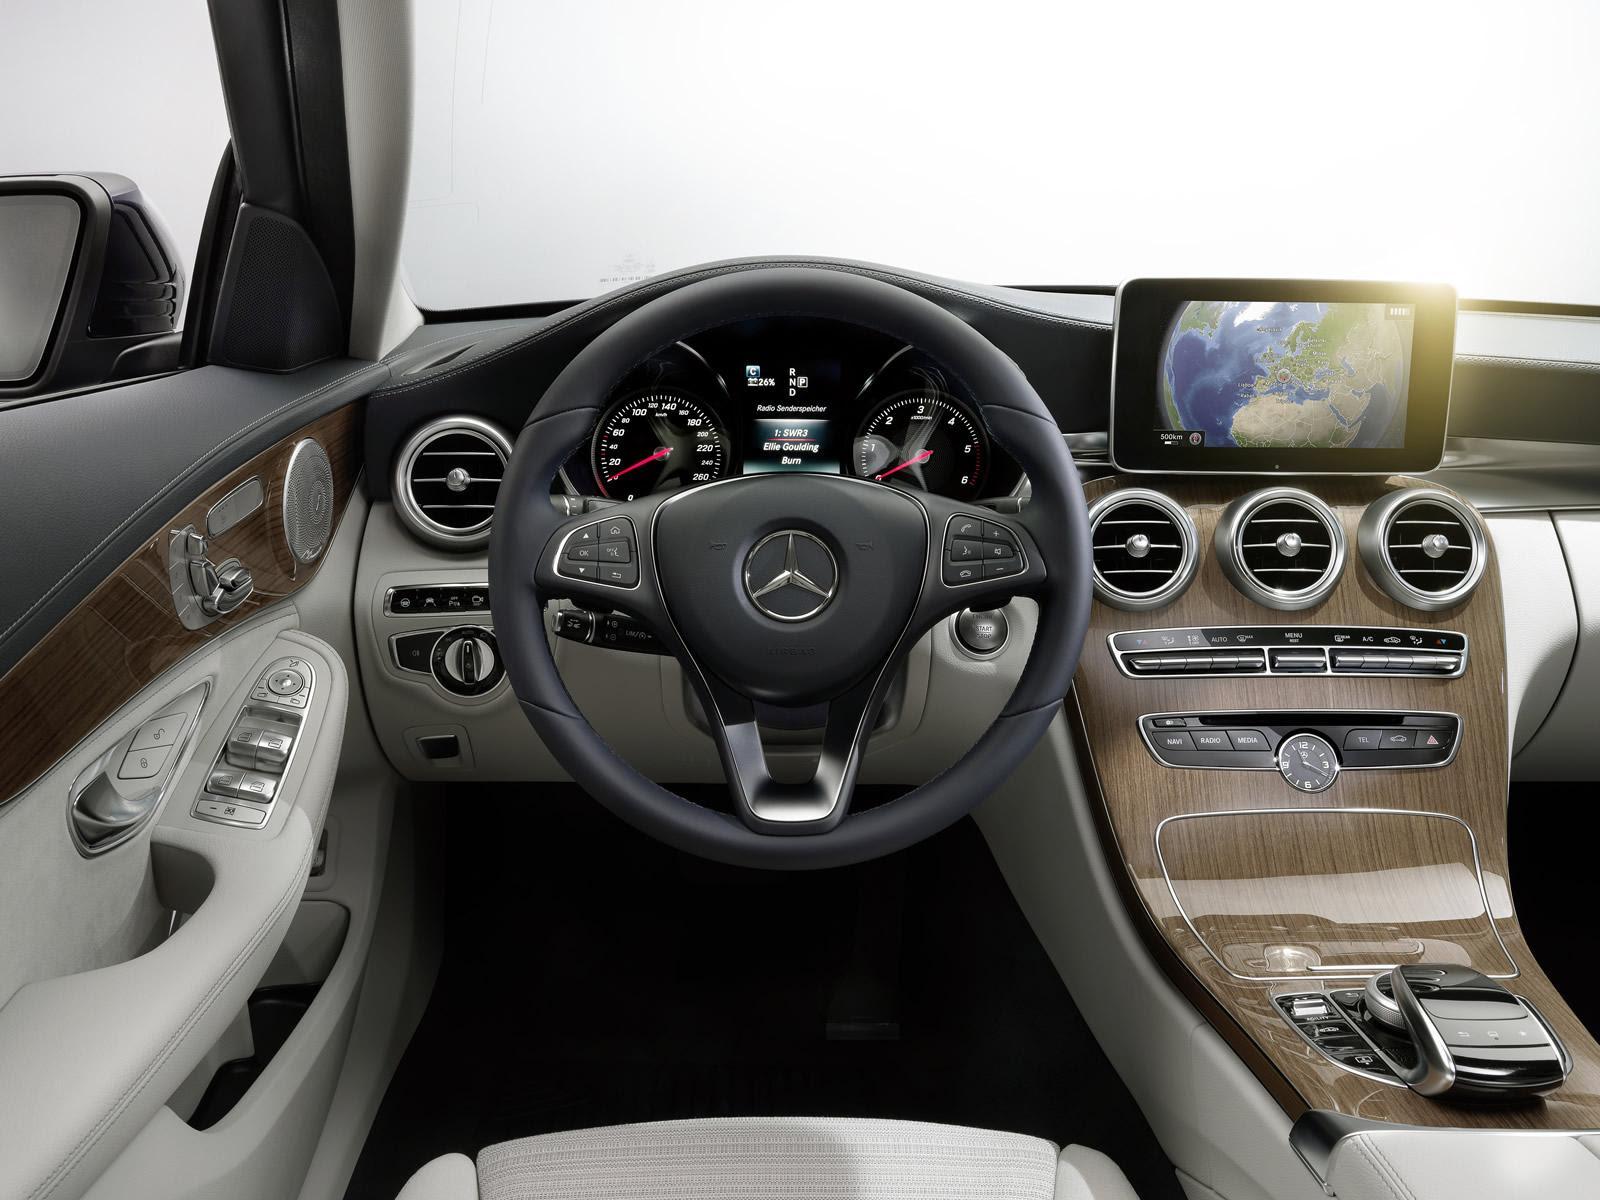 2014-Mercedes-Benz-C-Class-interior - ForceGT.com